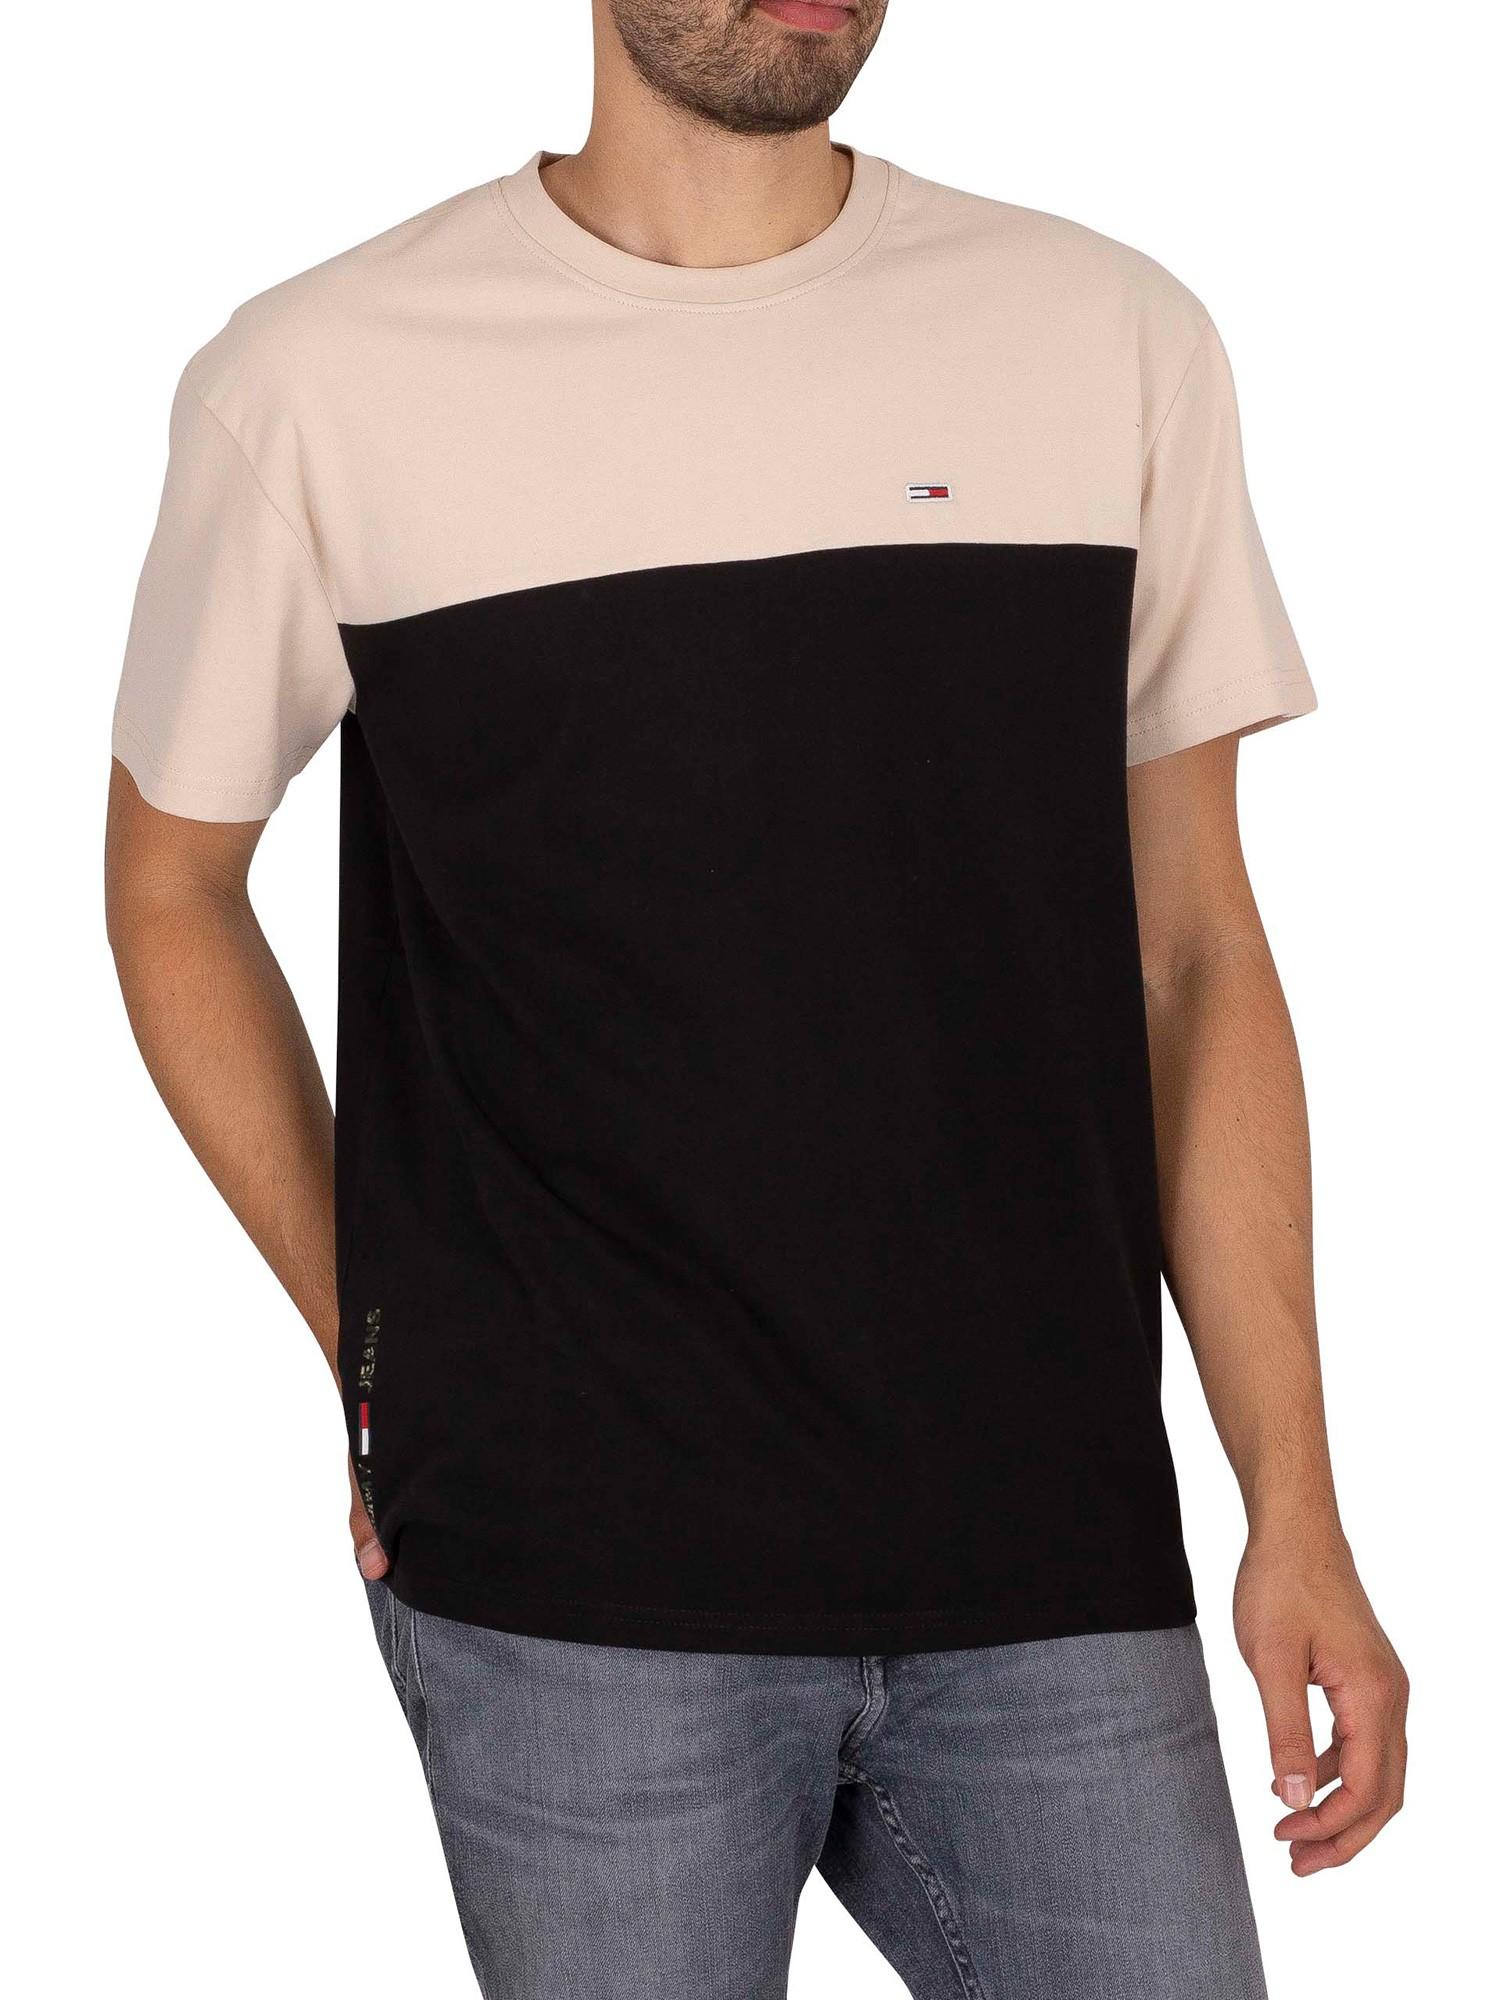 Yoke Colourblock T-Shirt